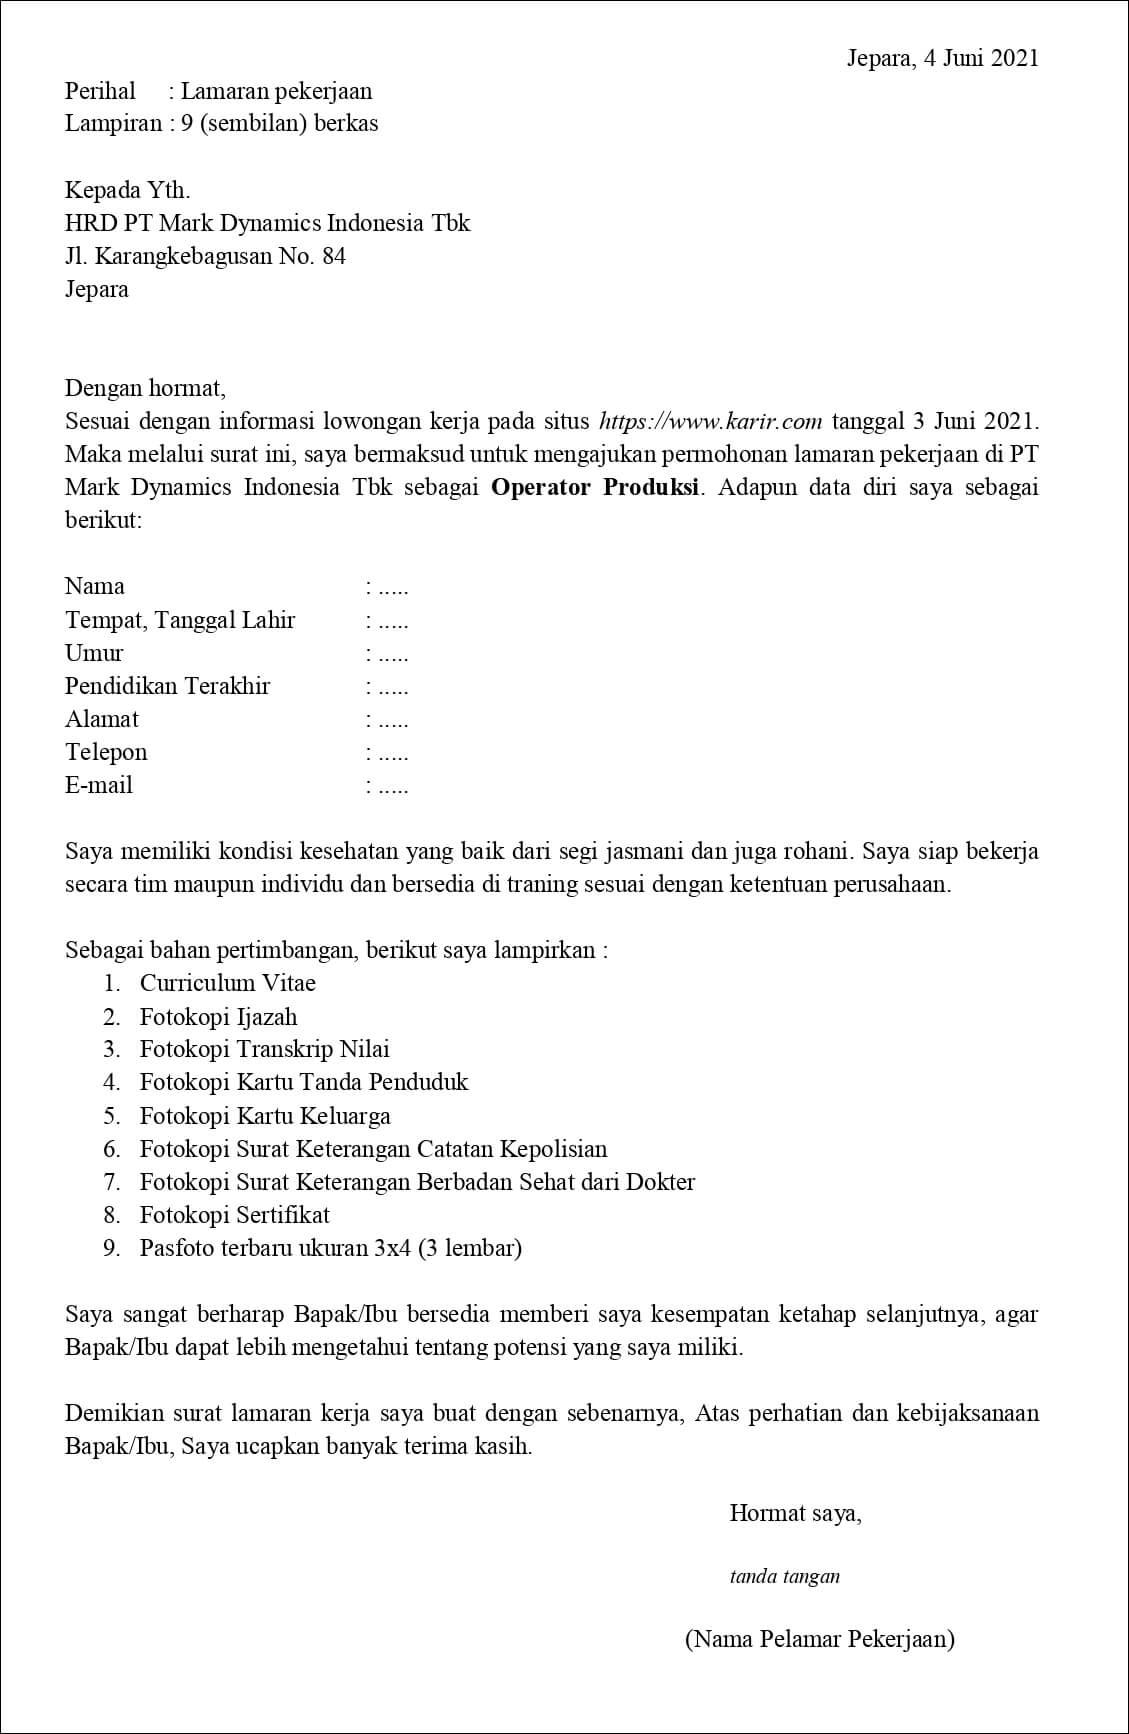 Contoh Surat Lamaran Kerja Untuk Operator Produksi Fresh Graduate Tanpakoma